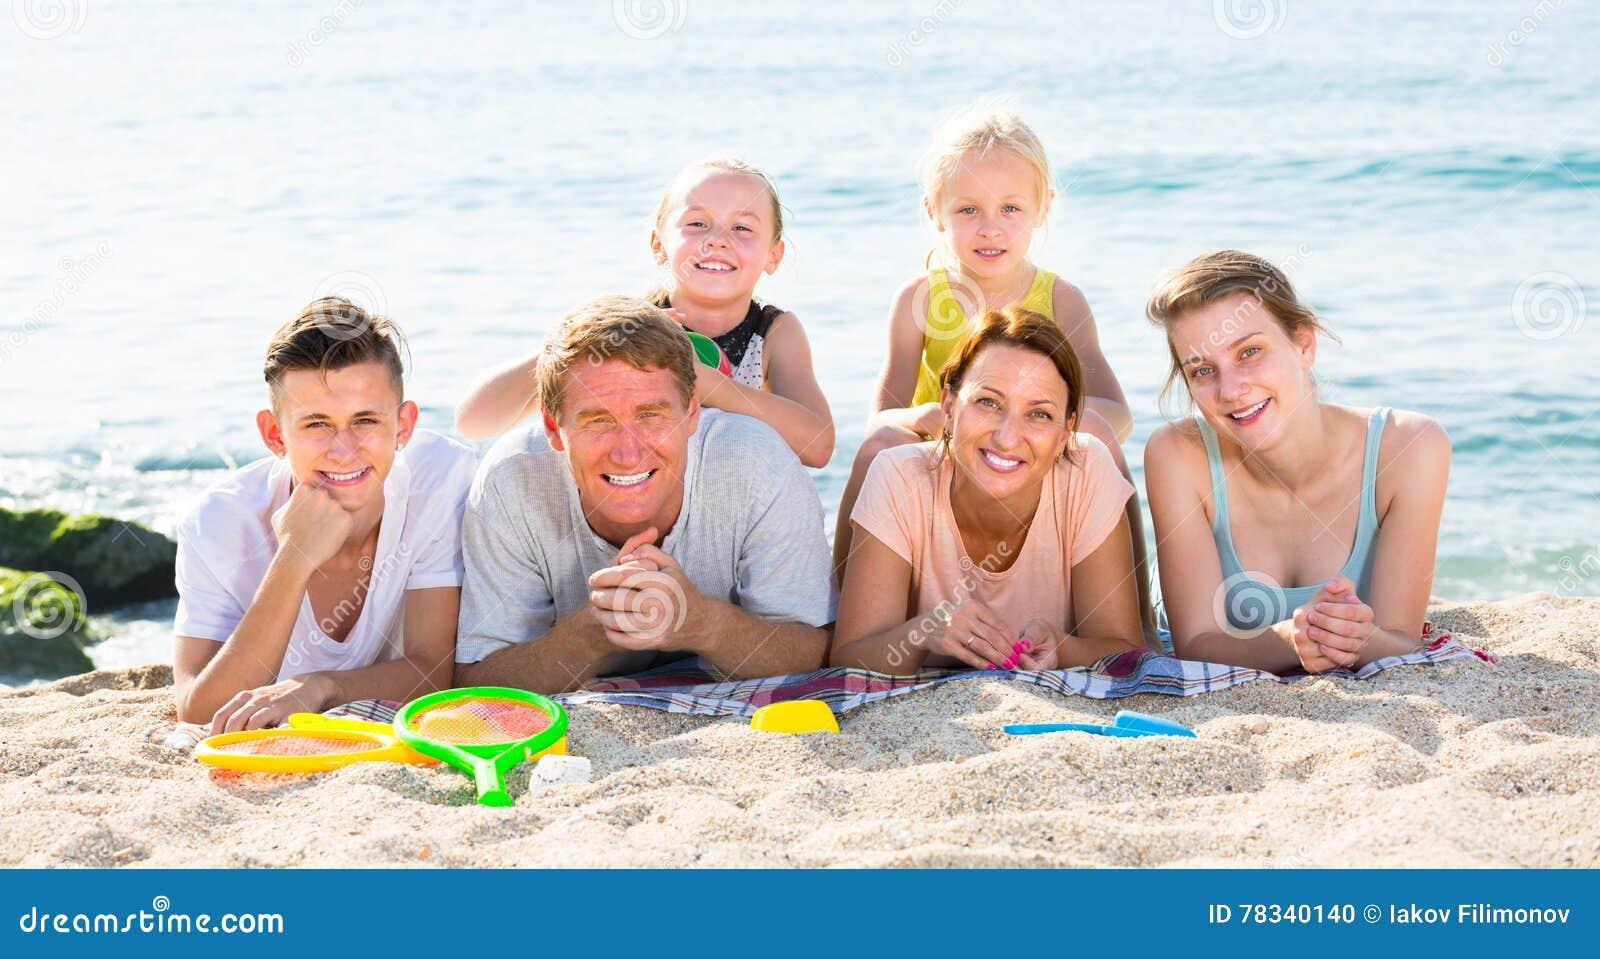 Glad Familj Med Fyra Barn Som Ligger På Stranden Arkivfoto - Bild av ... a587651299dc9